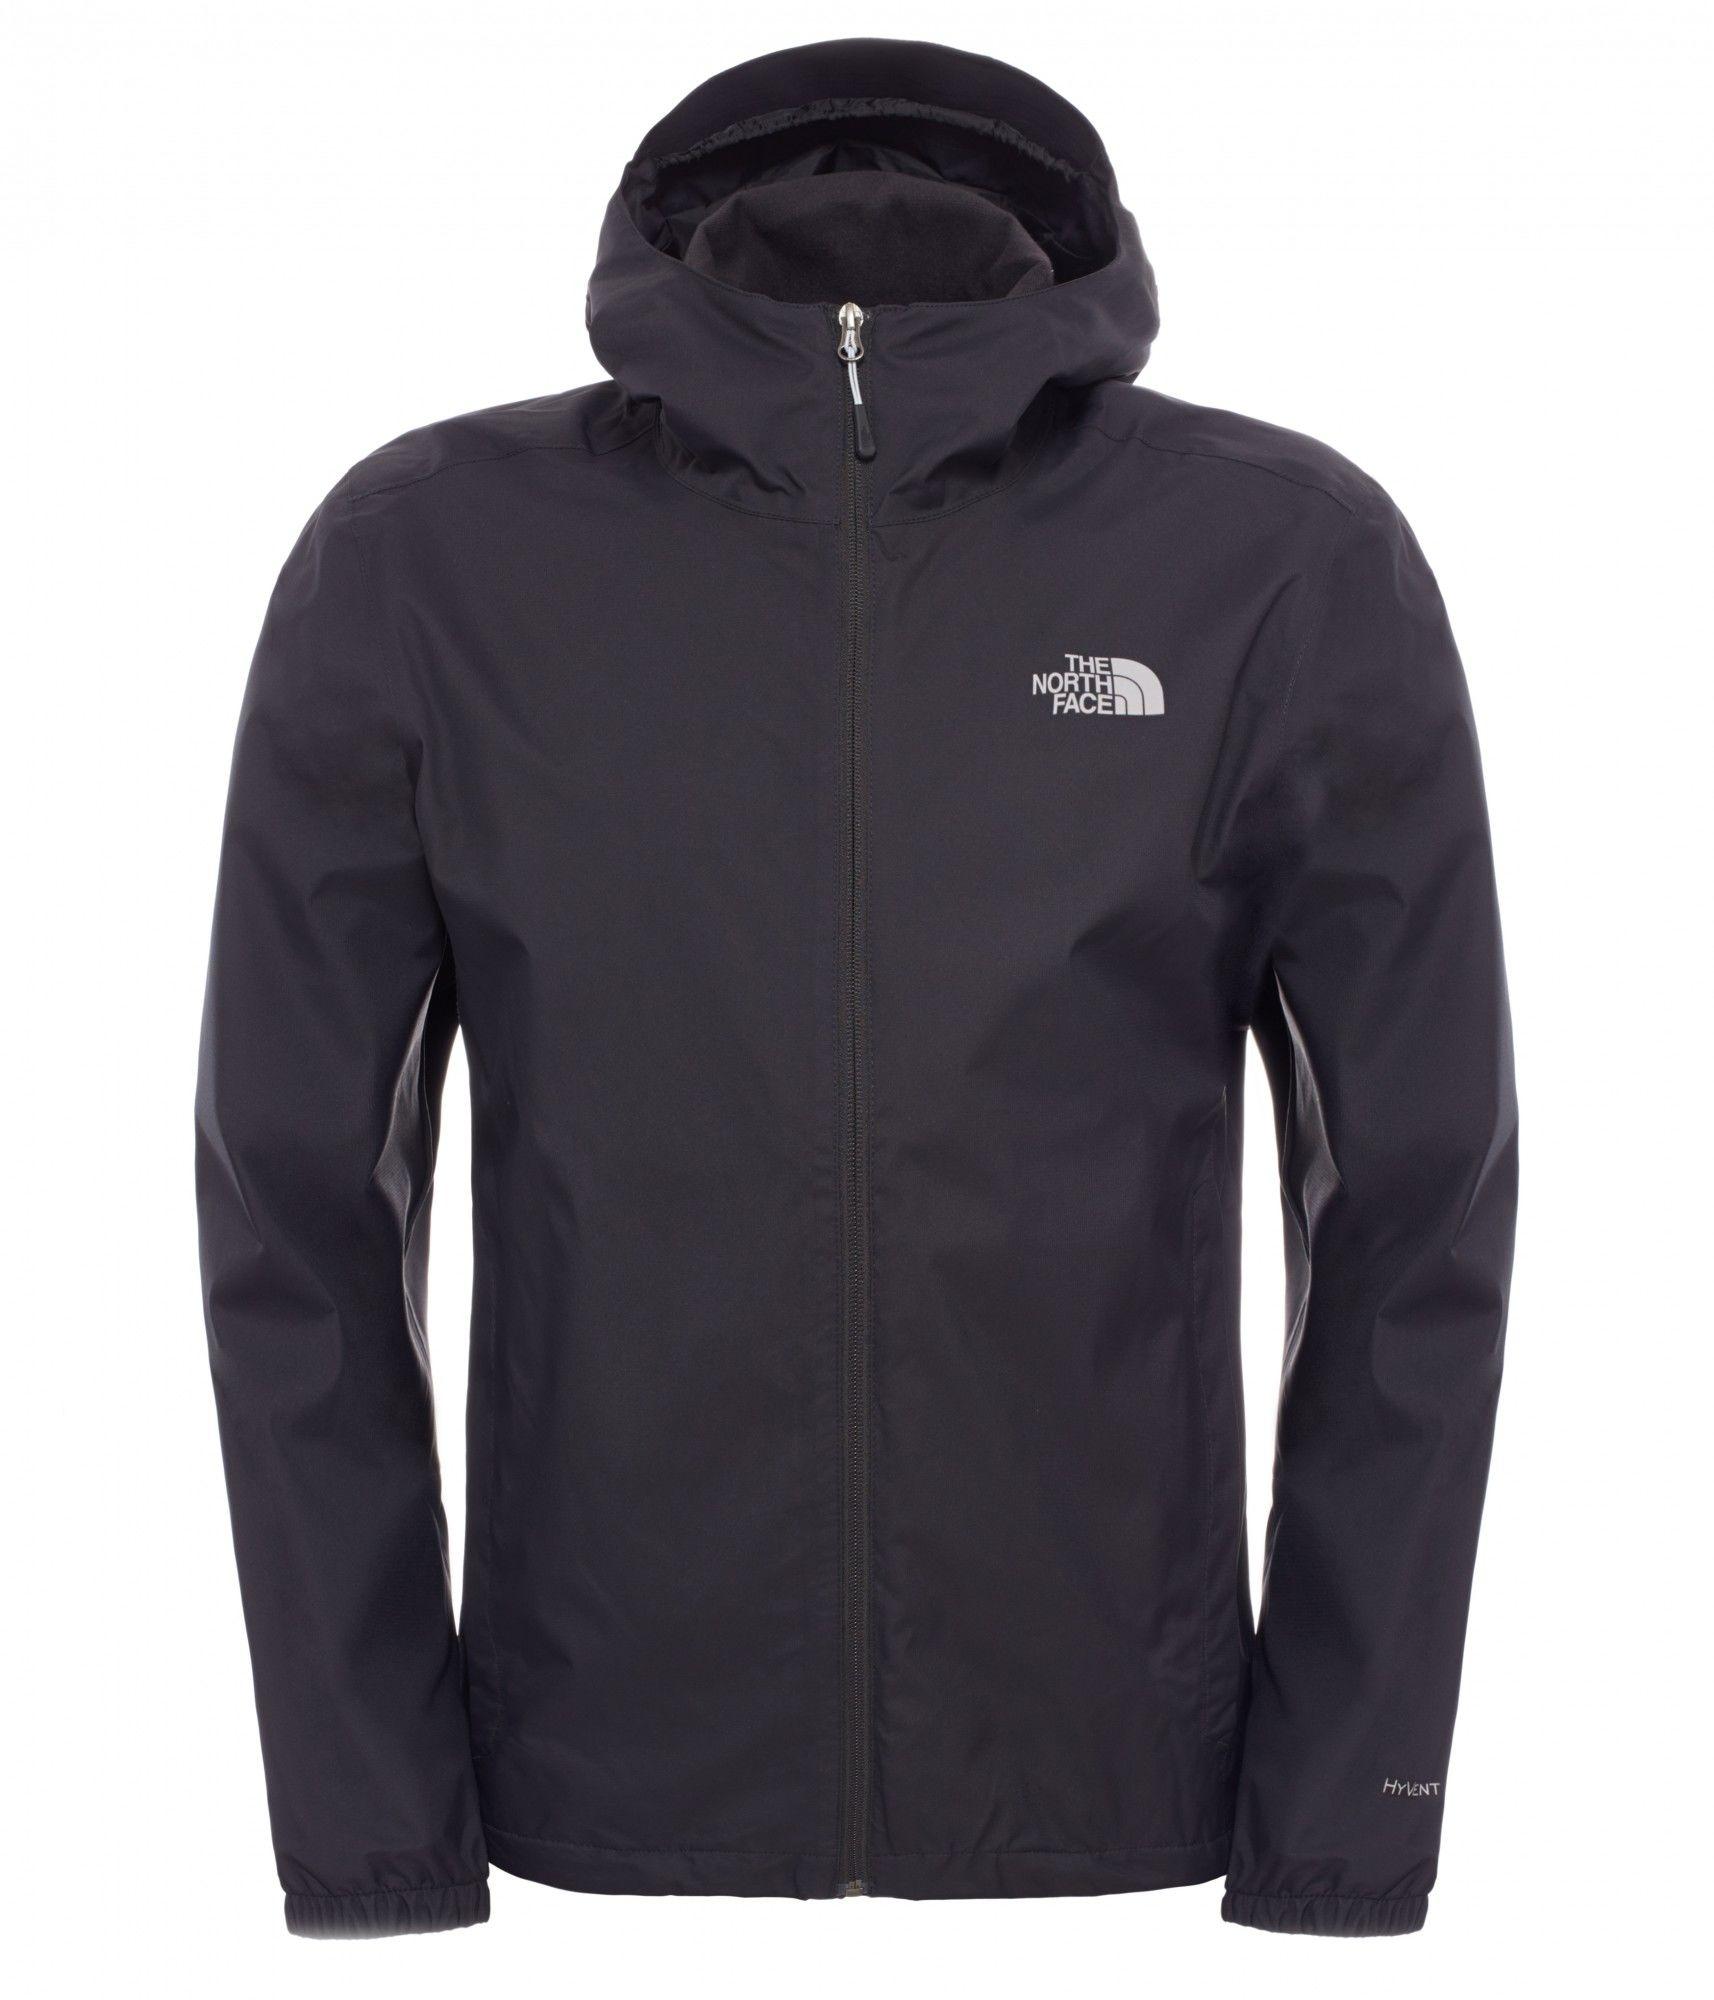 The North Face M Quest Jacket | Größe XXL | Herren Freizeitjacke